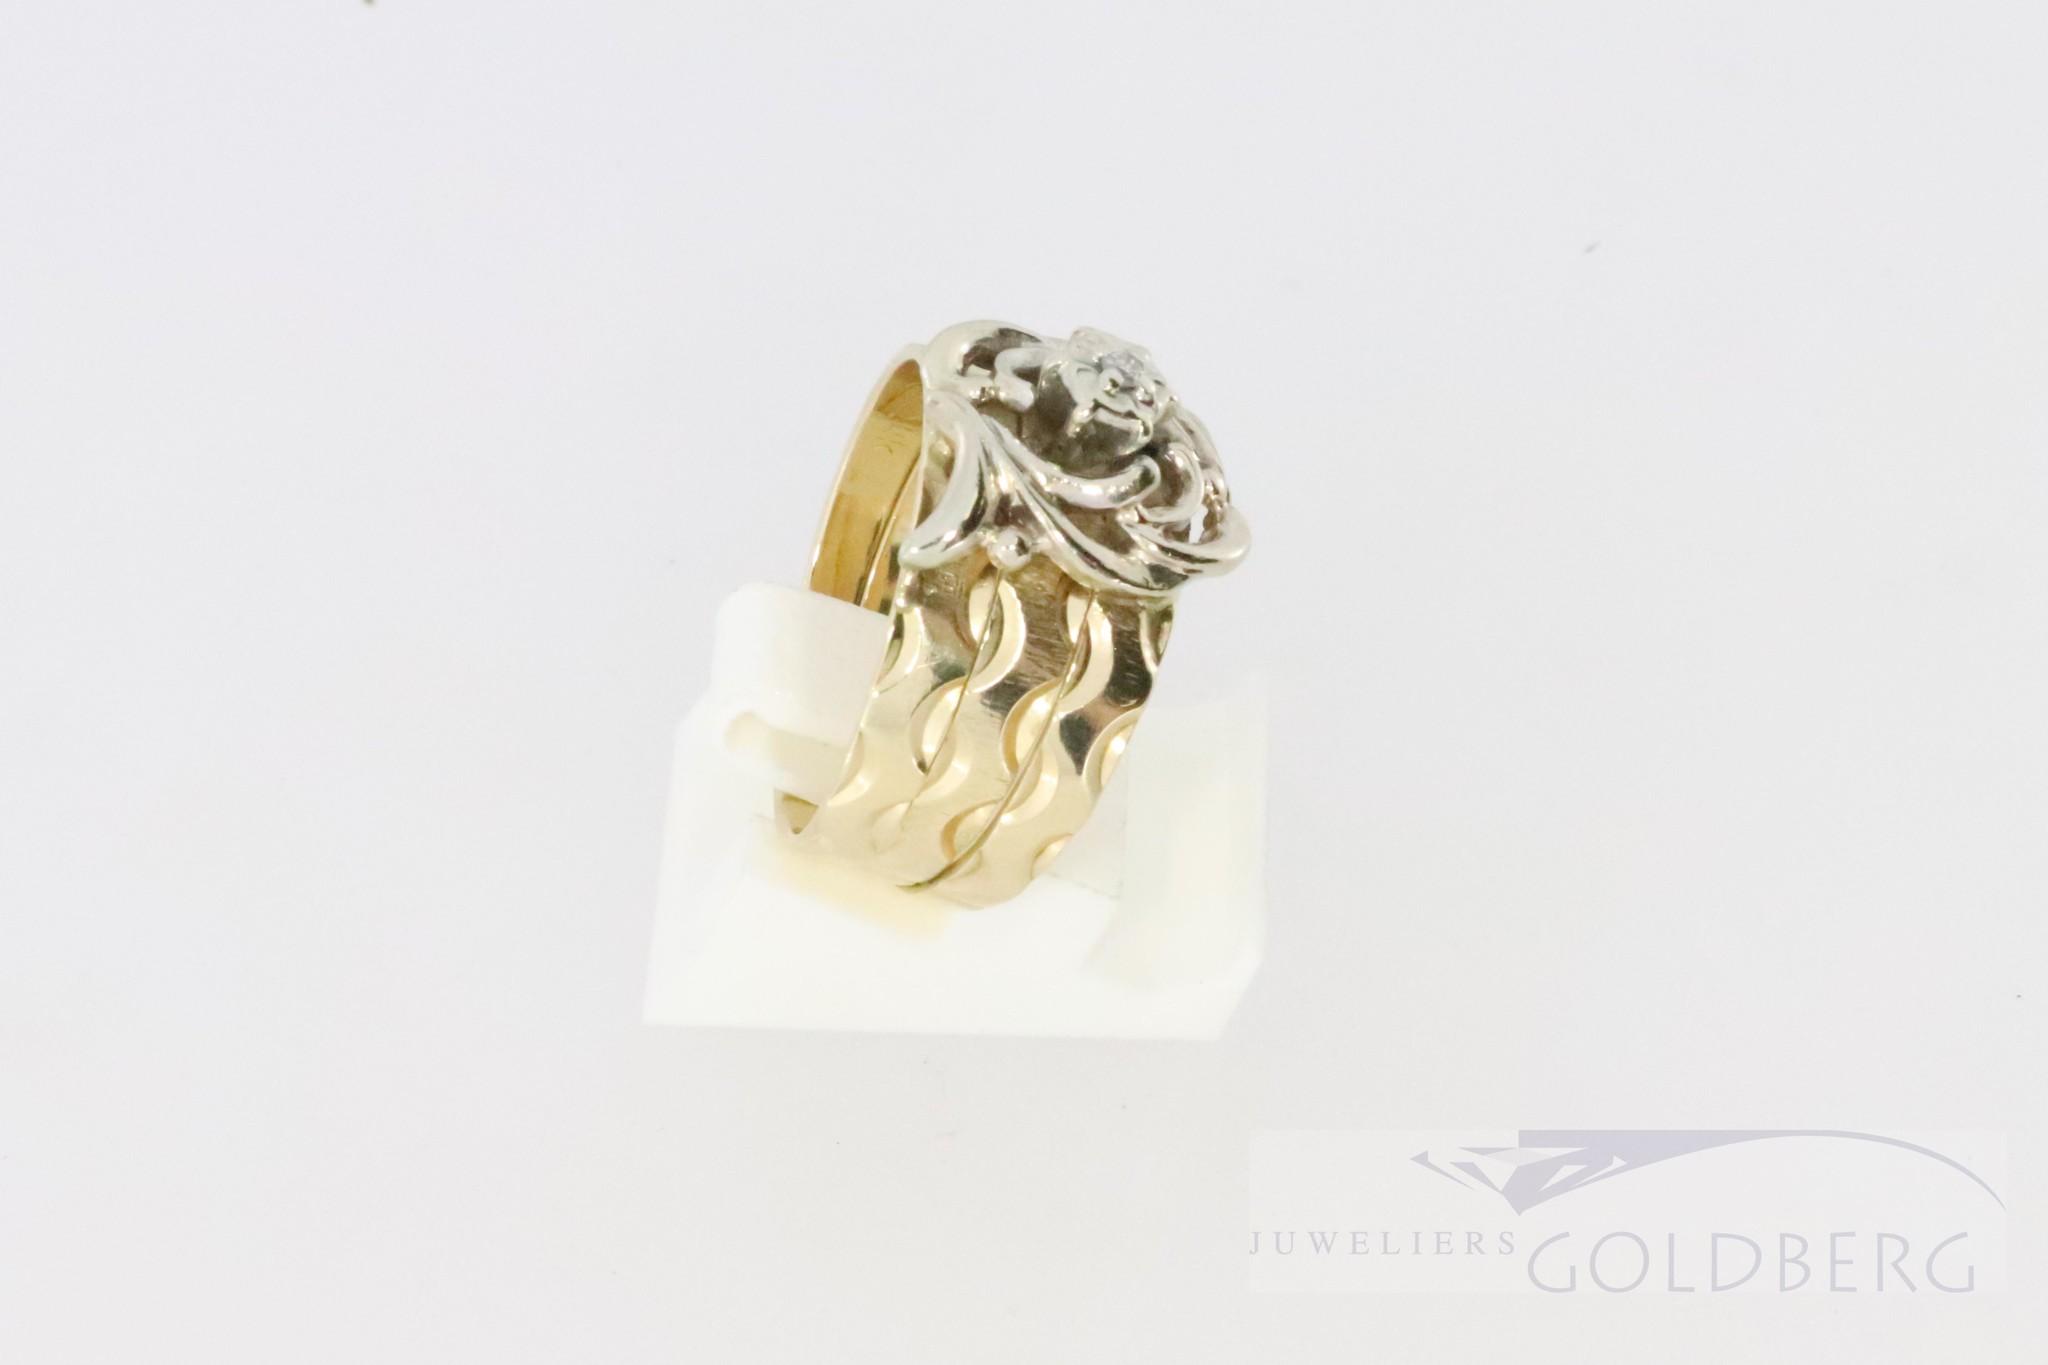 Brede 14k bi-color gouden ring met een diamant